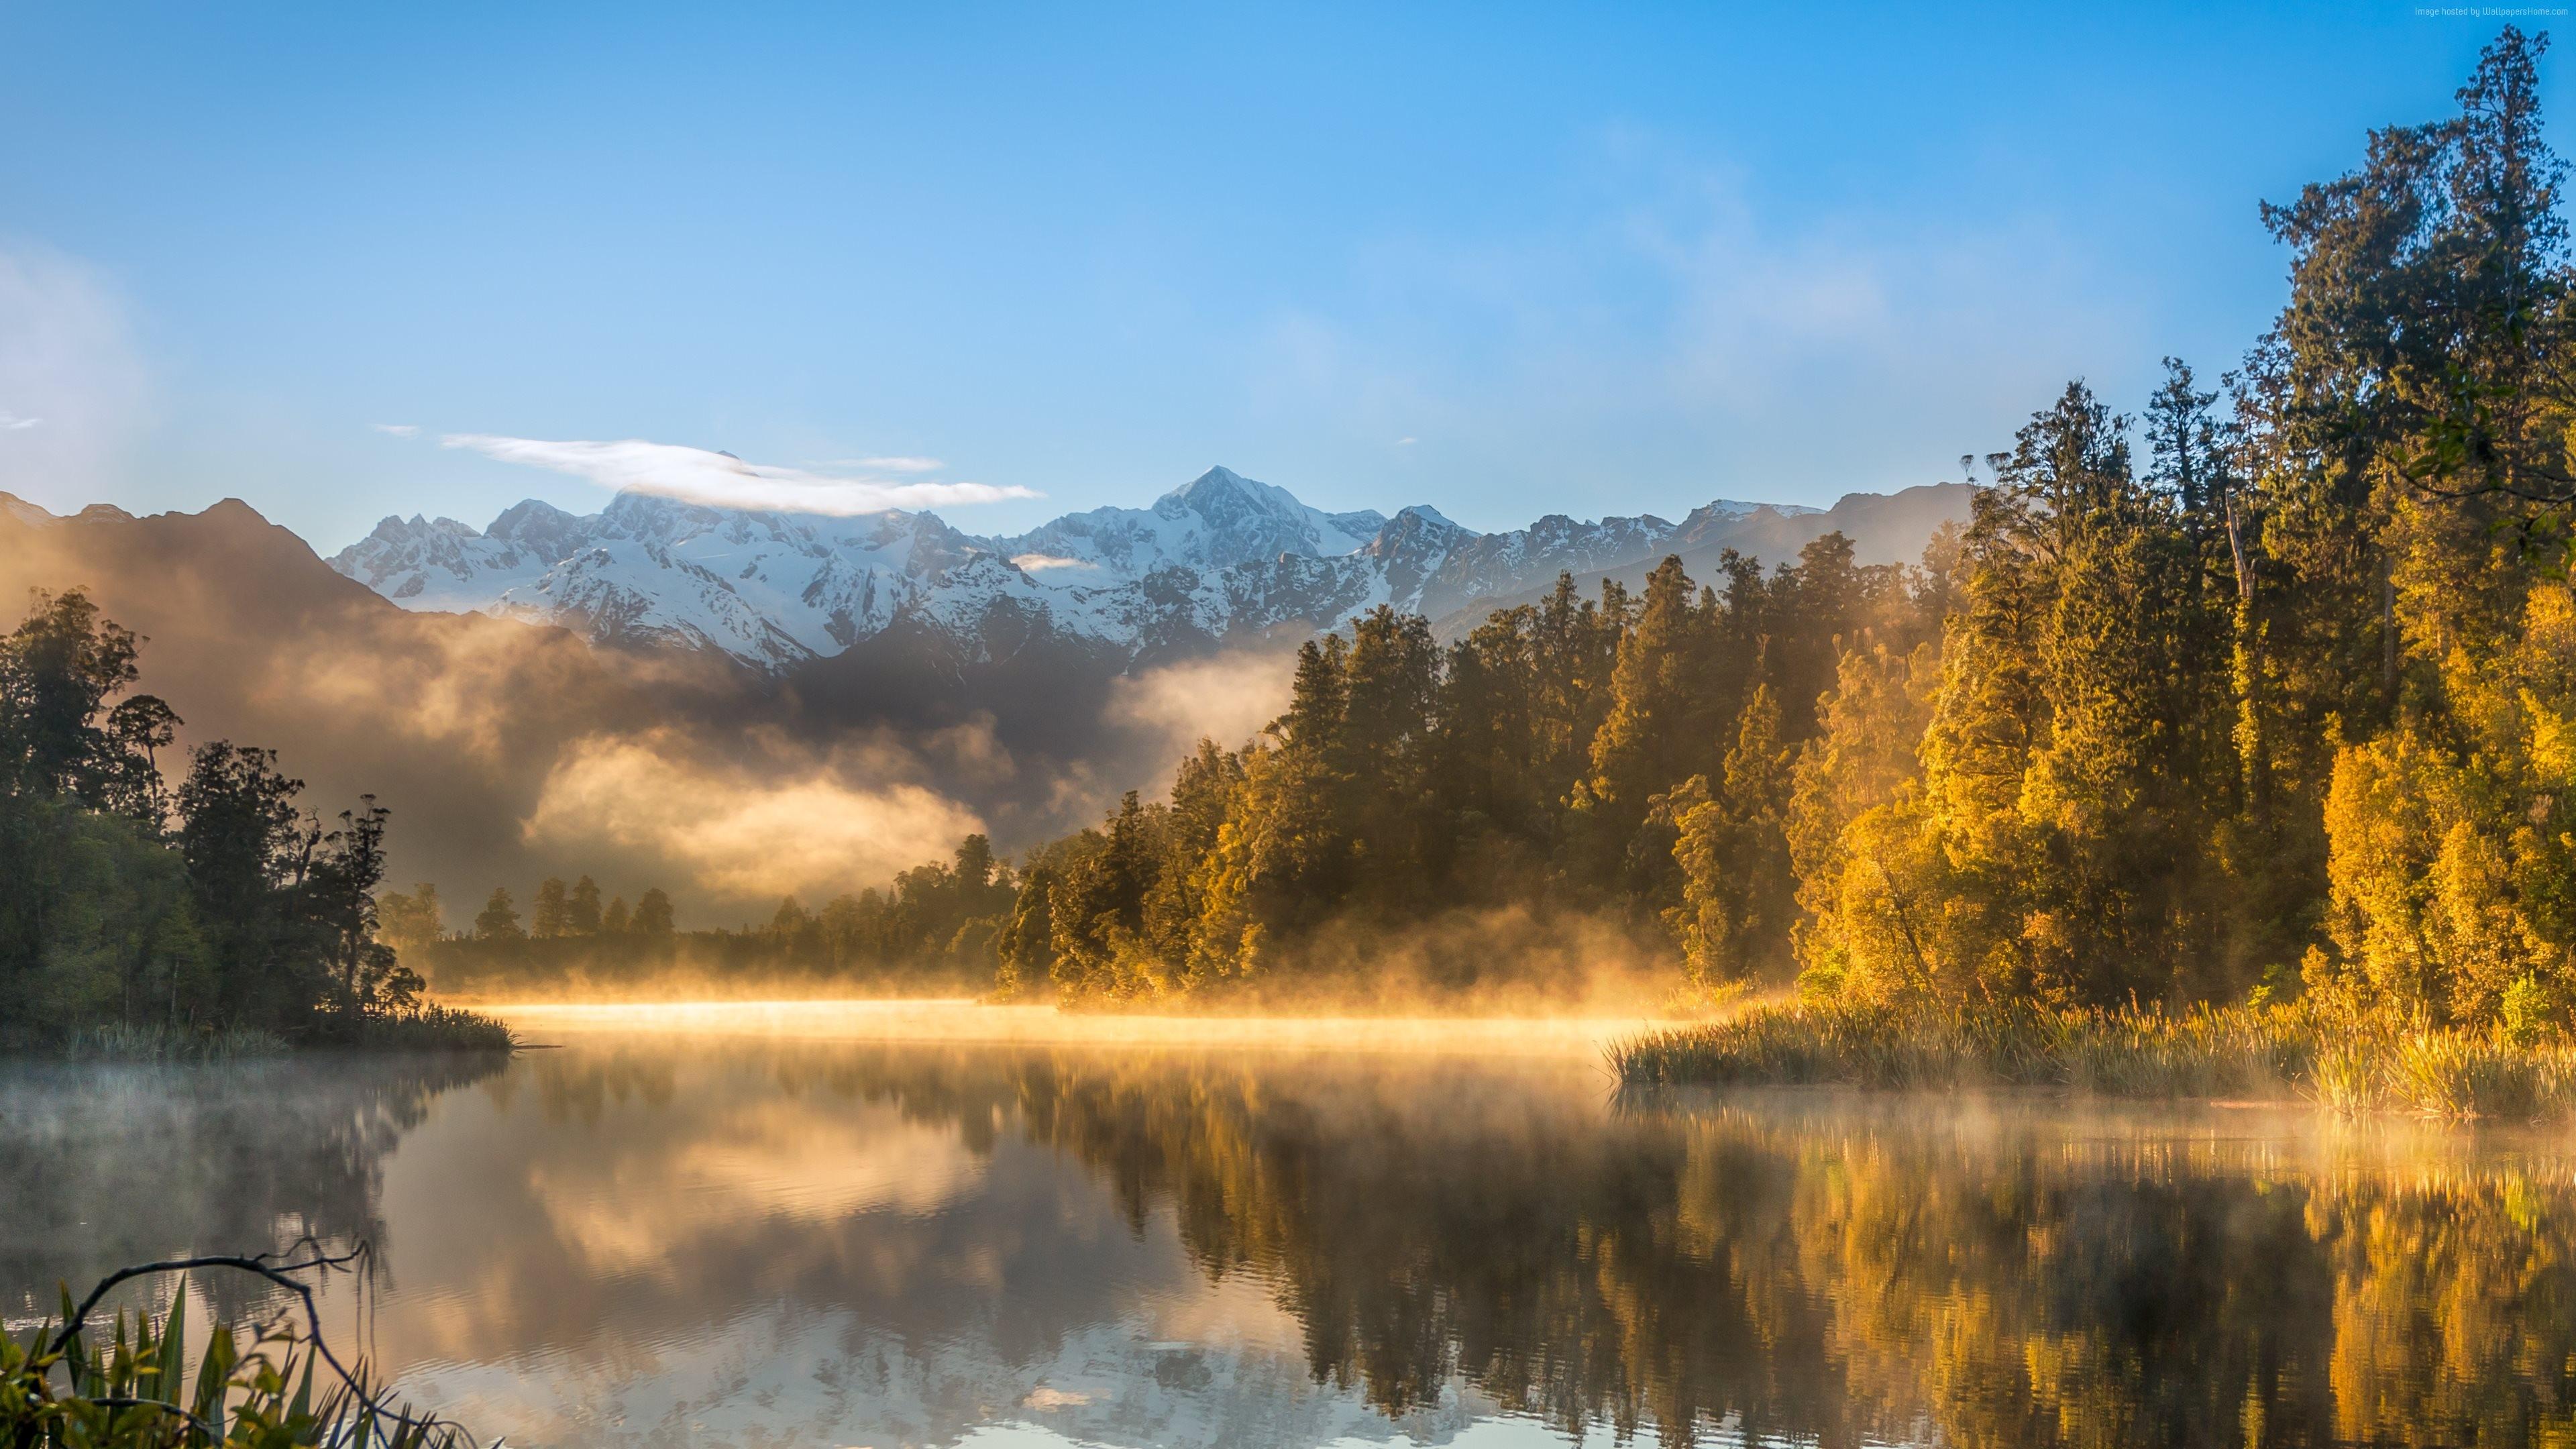 tải ảnh thiên nhiên 4k